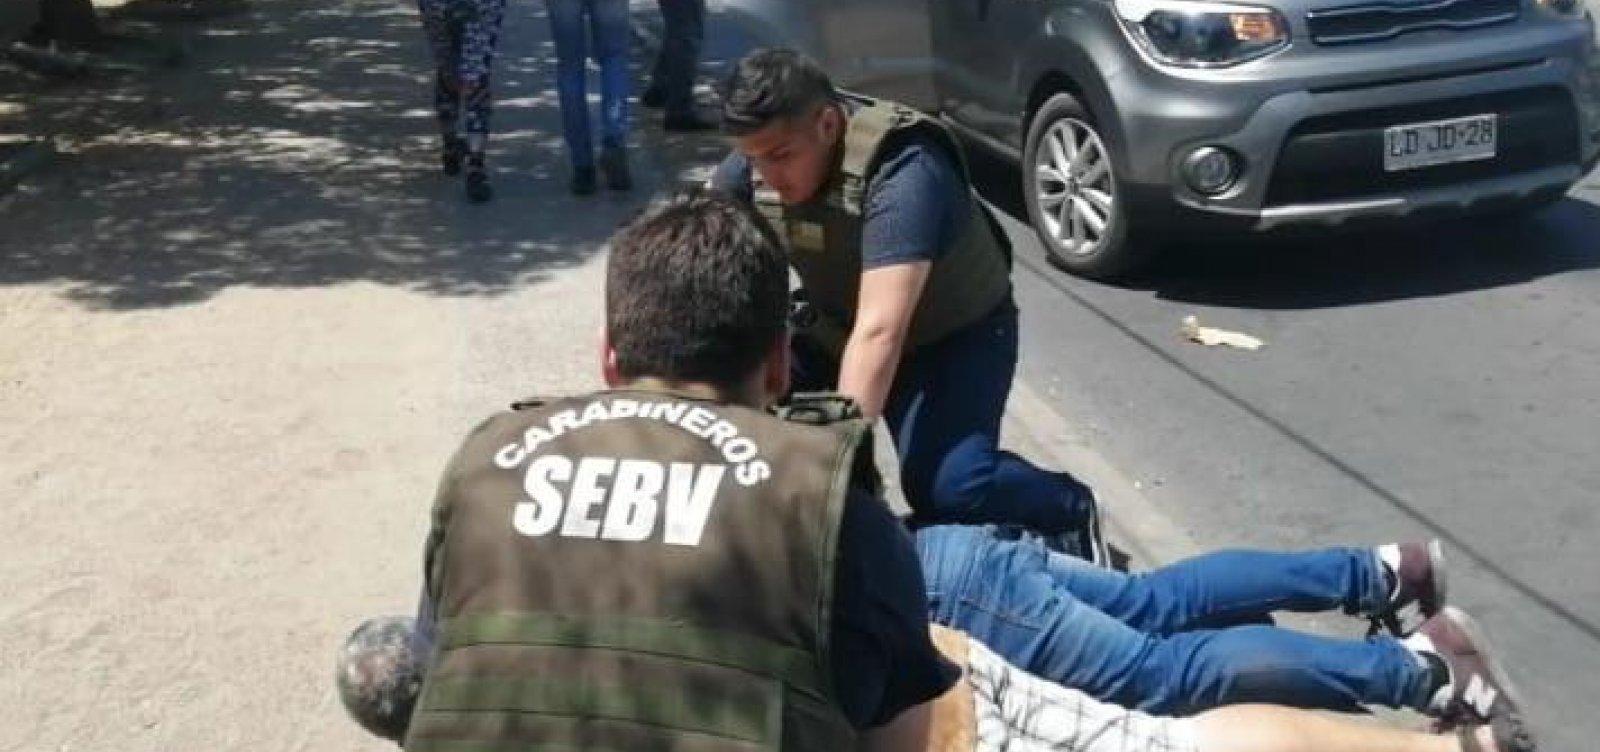 [Relatório registra mais de 20 mortos e 9 mil pessoas presas no Chile]